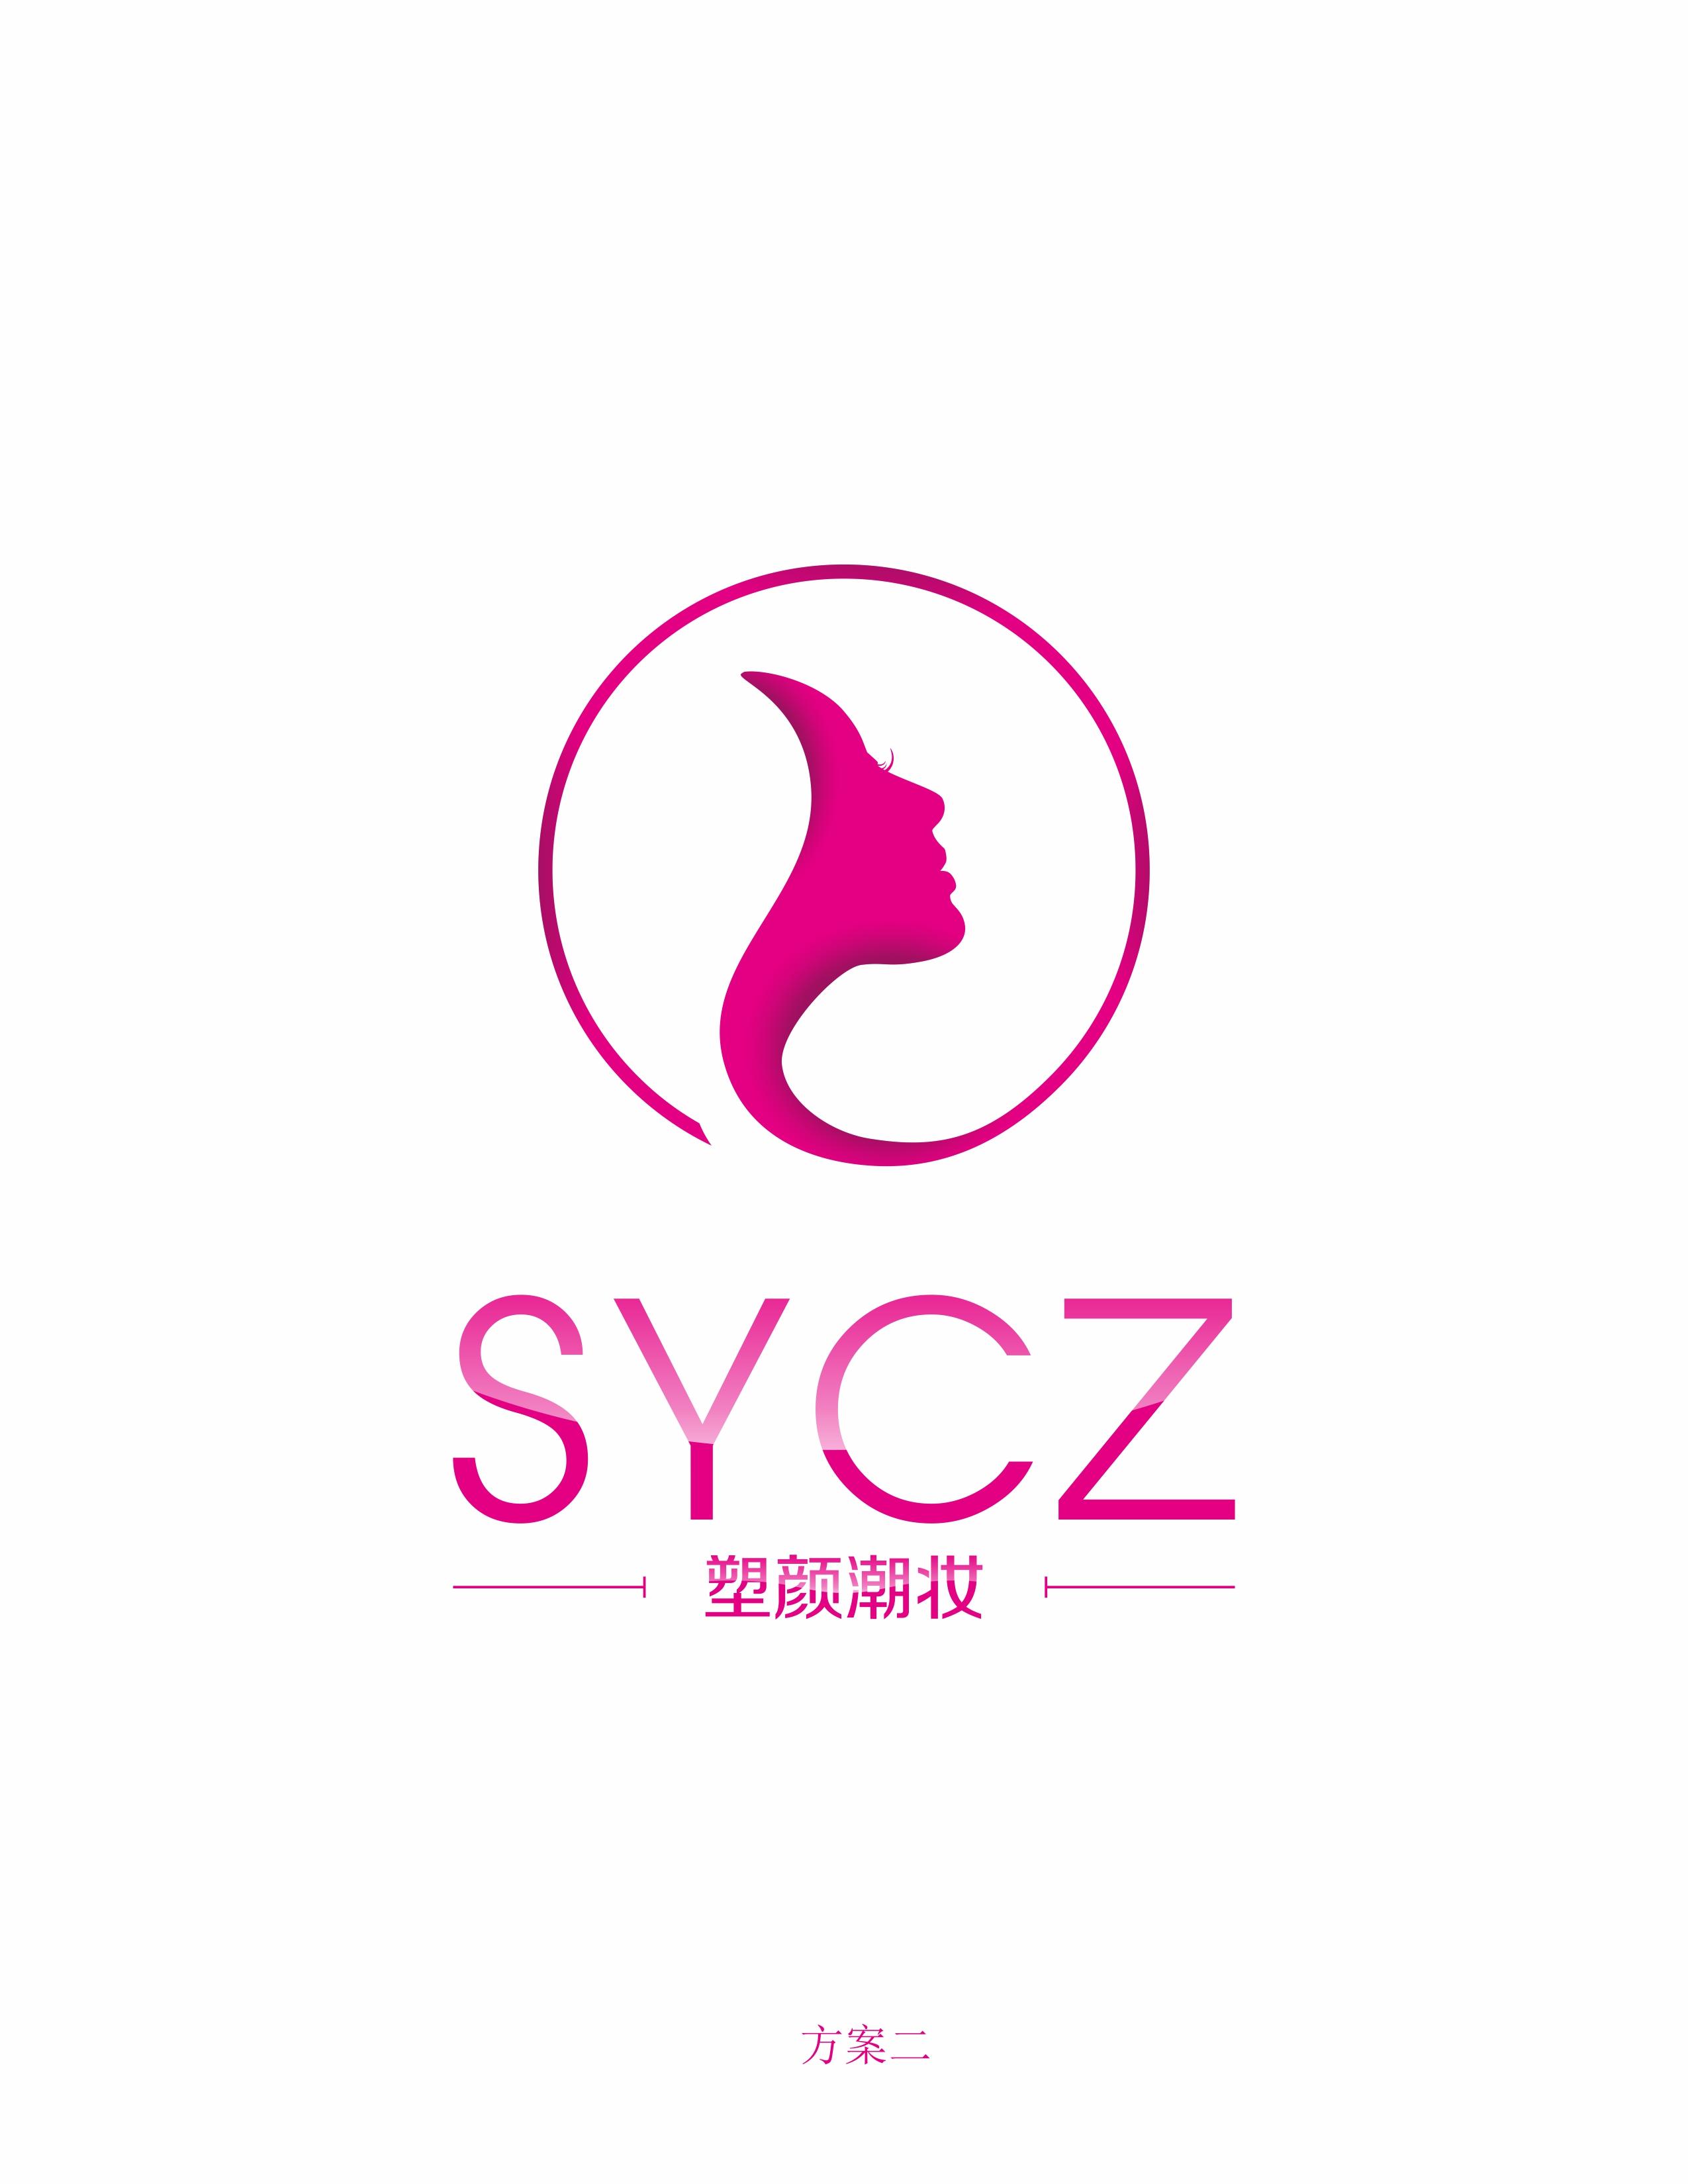 logo logo 标志 动漫 卡通